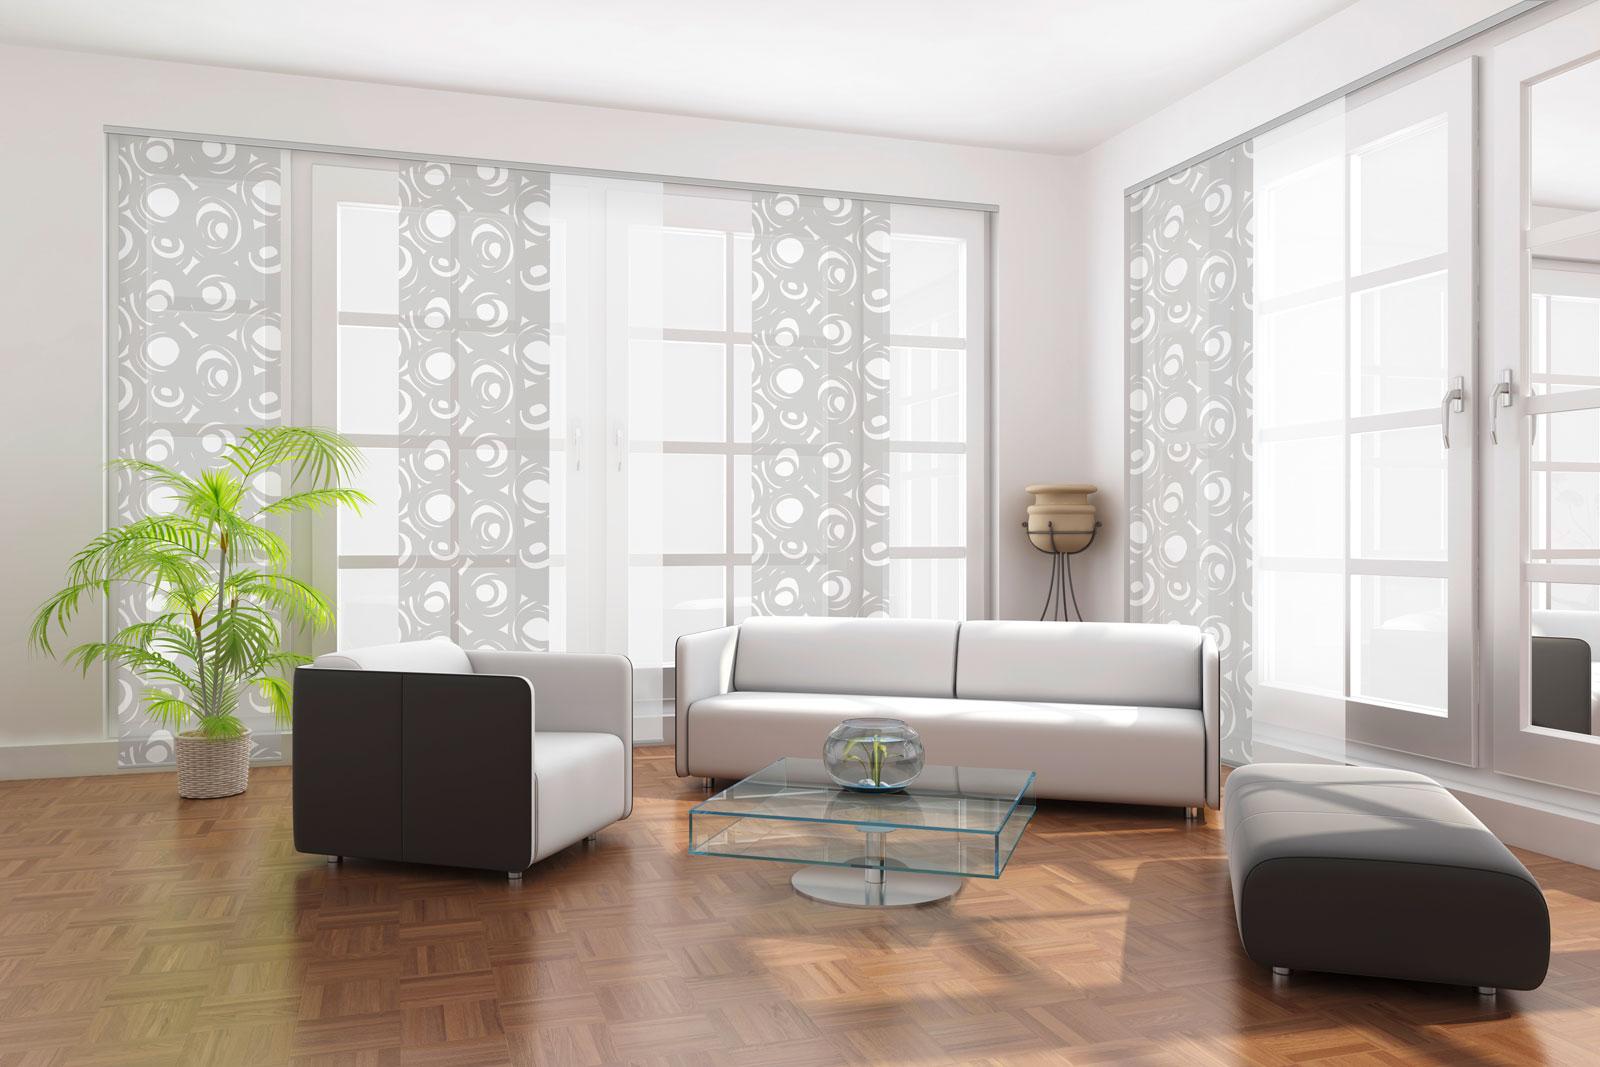 Hochwertiger Sonnenschutz, Sichtschutz und Lichtschutz - Lamellenvorhang - Senkrechtlamellen - Flächenvorhänge bedruckt kombiniert mit Weiß bodenlang - Dr. Haller + Co. - Selastore®